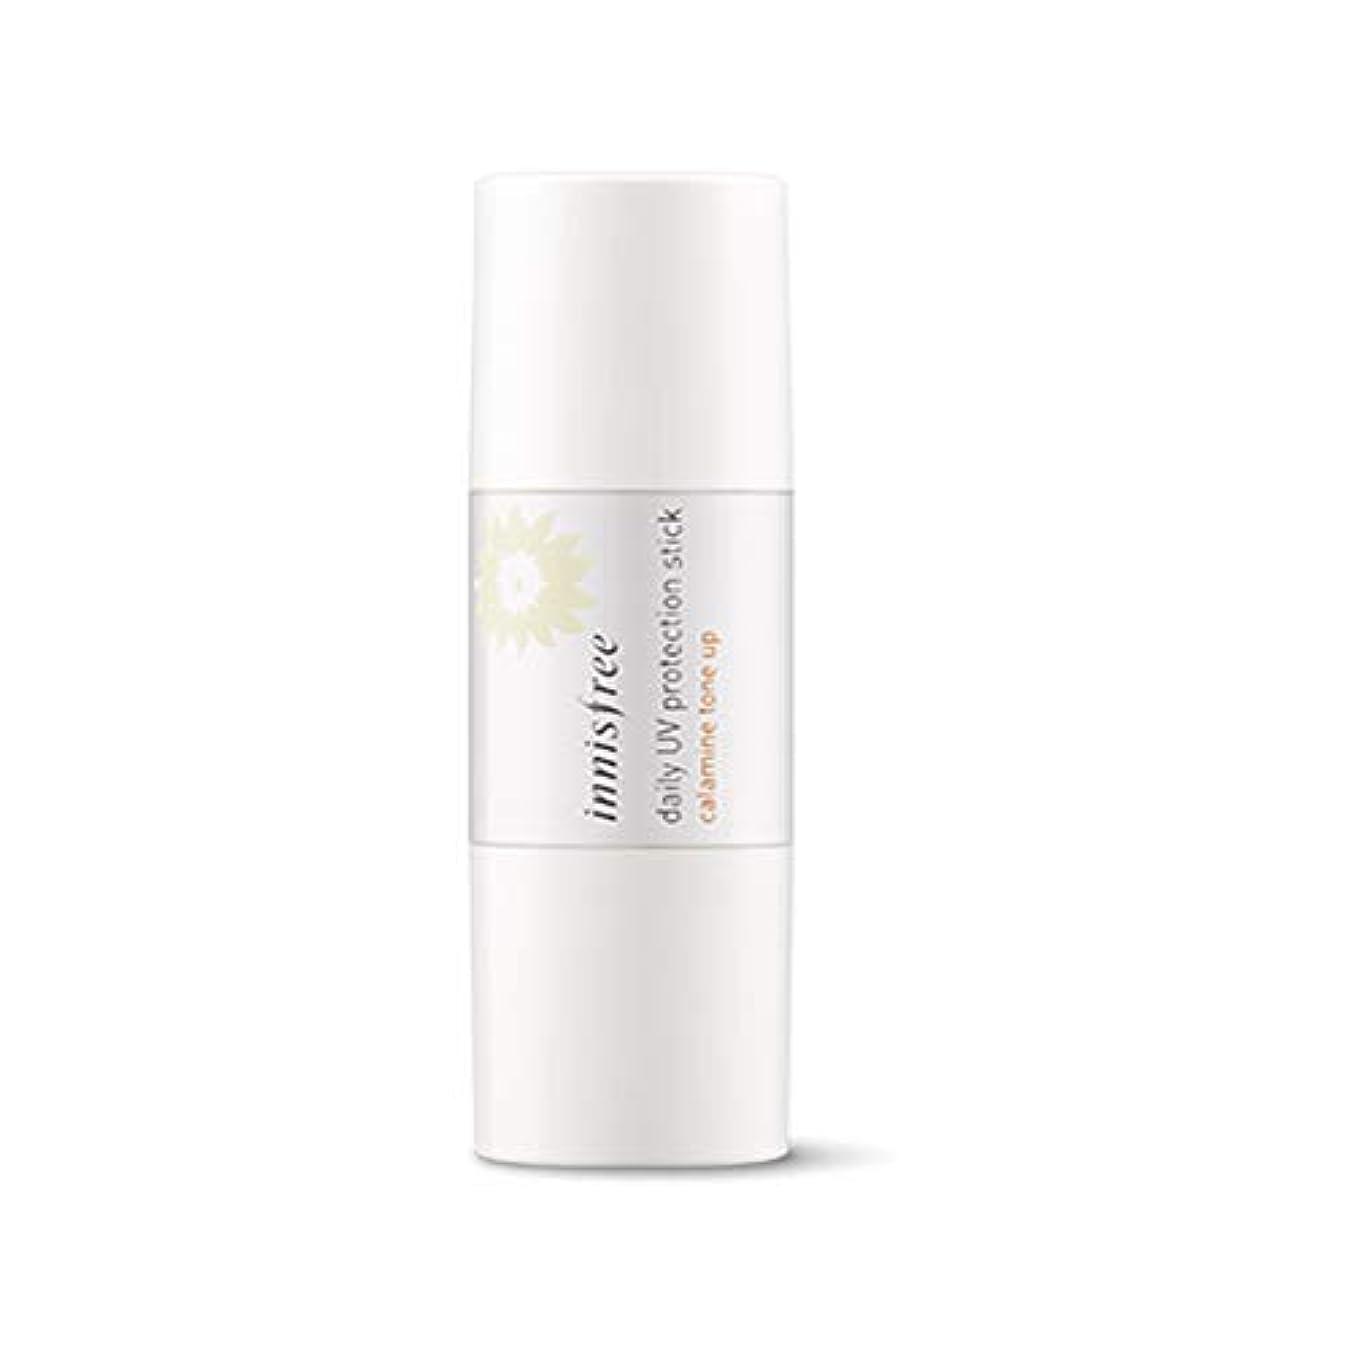 ヤングバラ色勇者イニスフリー日焼け止めスラスタカラミントーンアップSPF50 + PA +++ 8g【ブラシ付】 Innisfree daily UV protection stick calamine tone up SPF50 +...